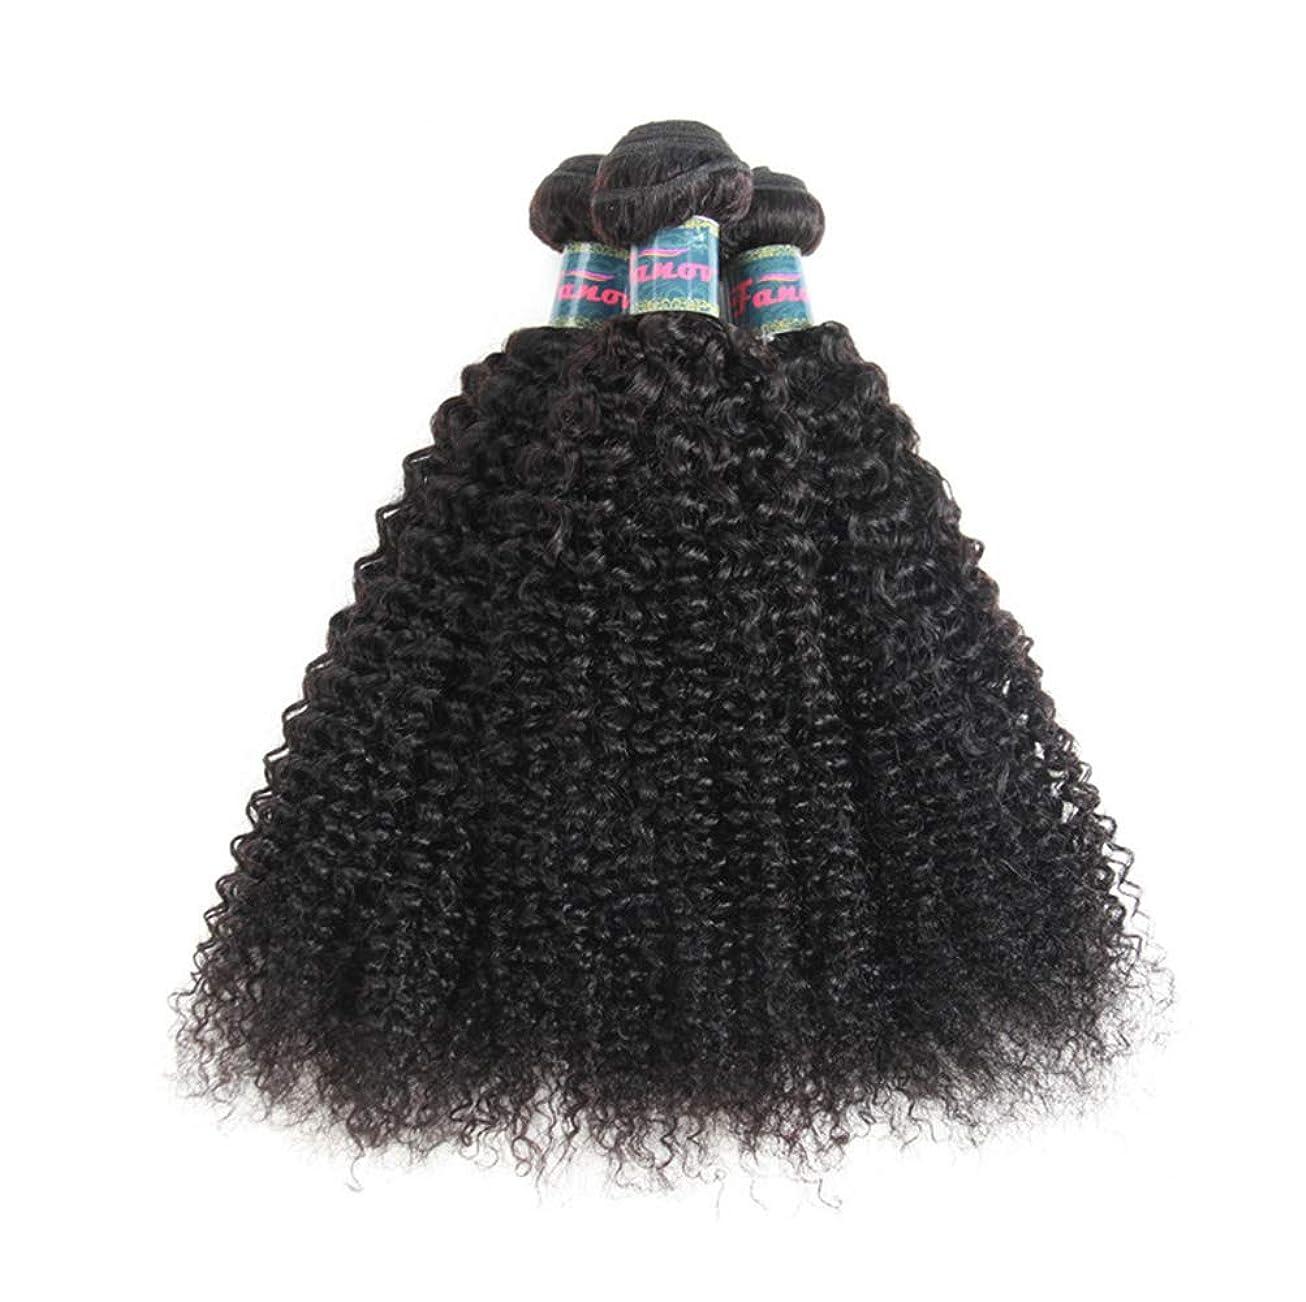 熱心兵隊ベックス髪織り未処理ブラジルの深い巻き毛の束本物の人間の髪の毛の束バージンブラジルの髪